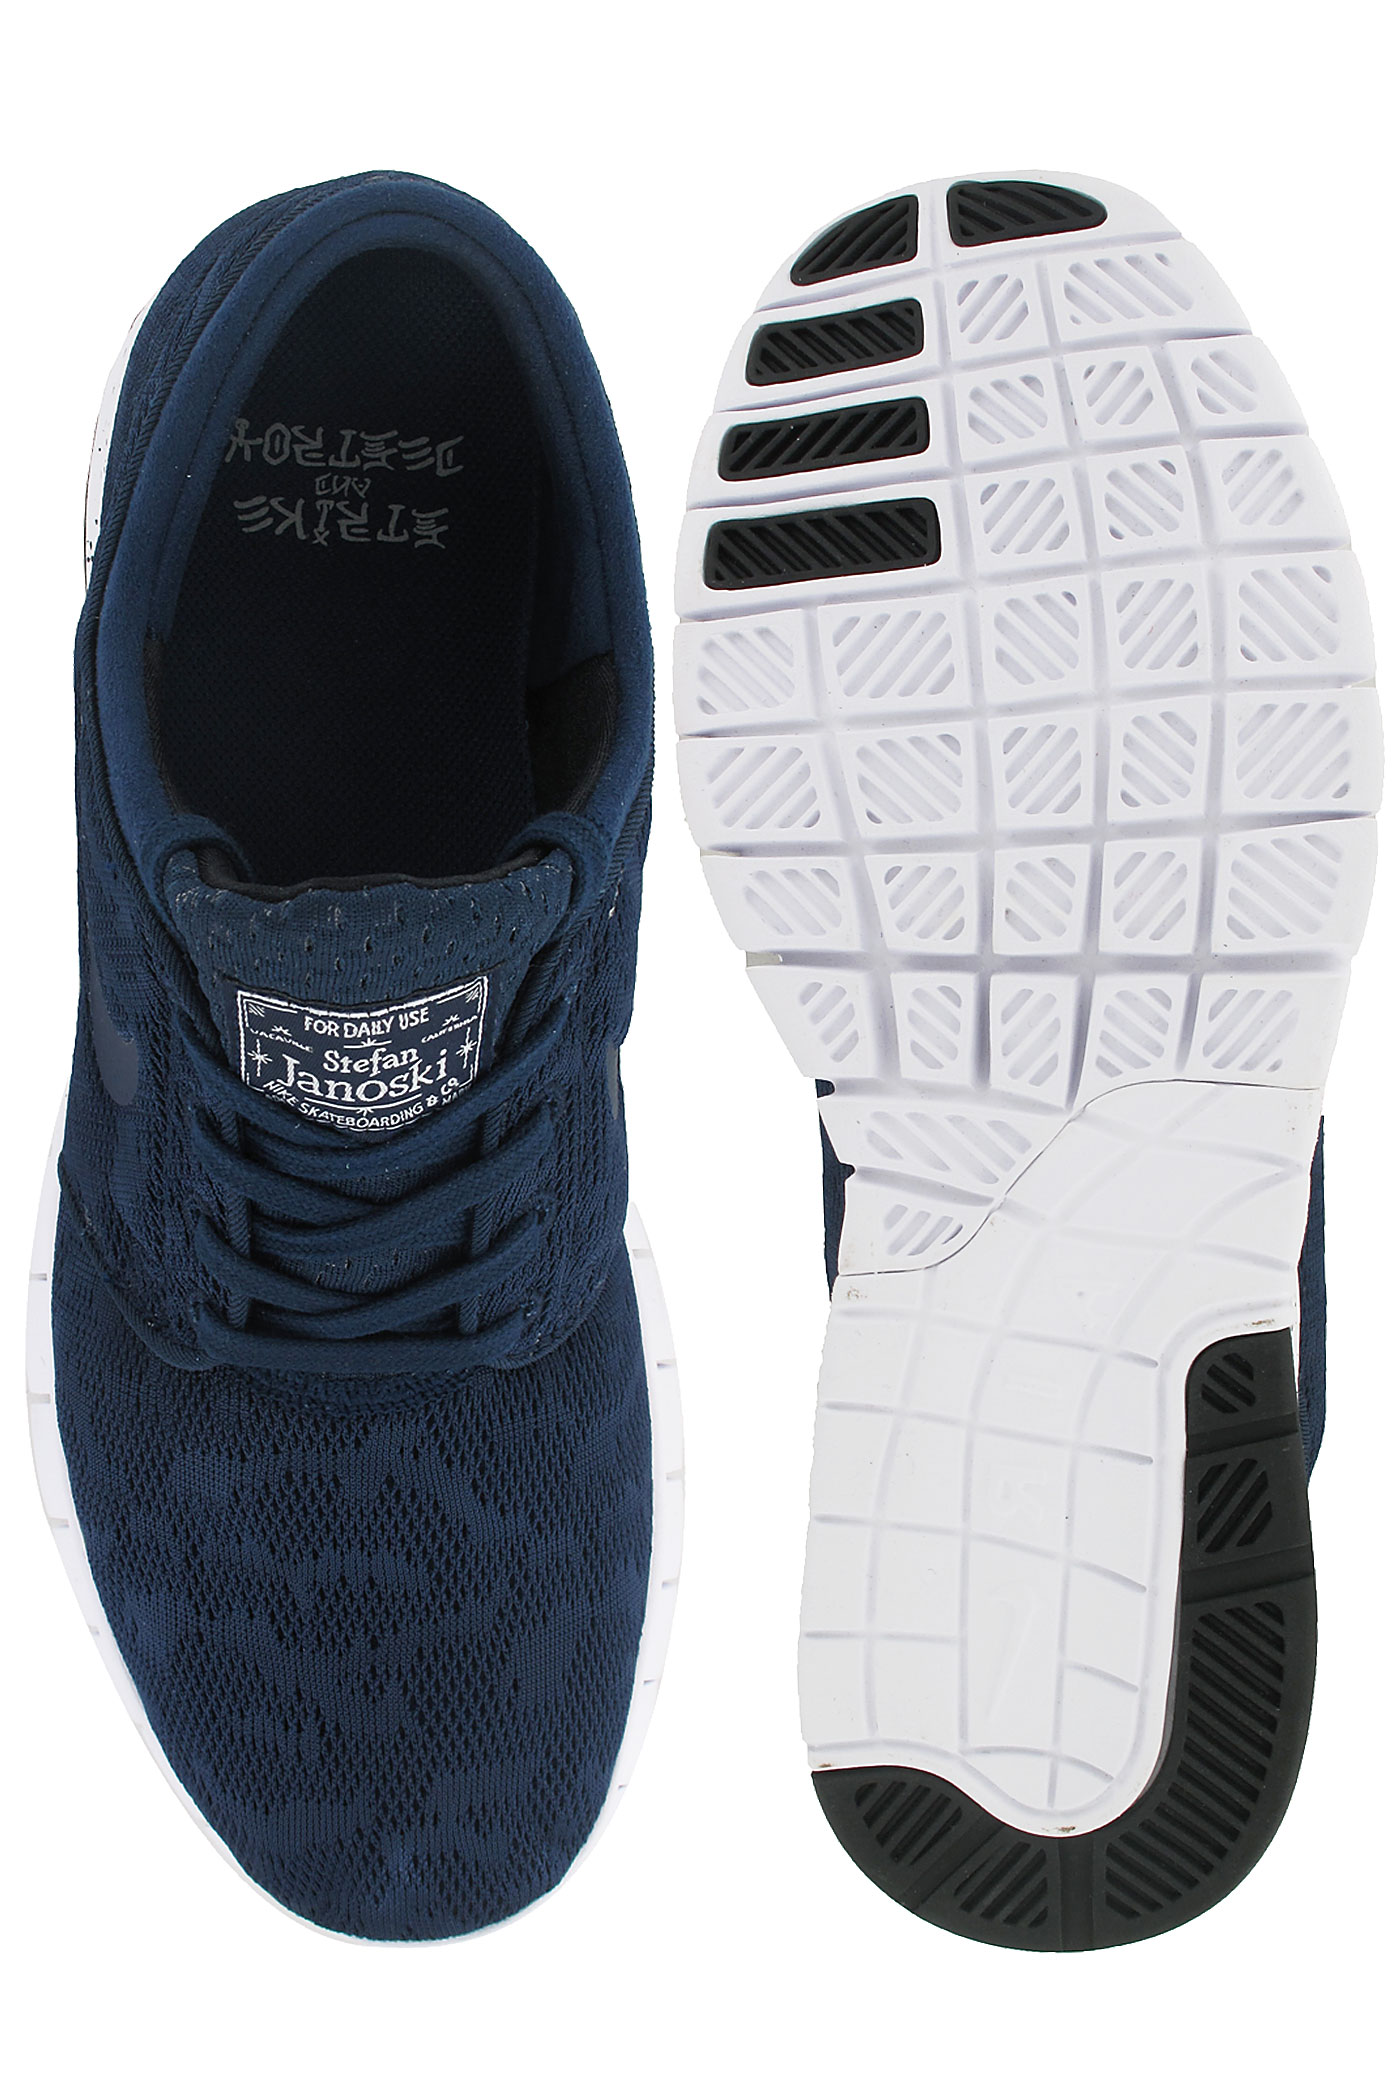 nike discount cortez - Nike SB Stefan Janoski Max Schuh (midnight navy white) kaufen bei ...